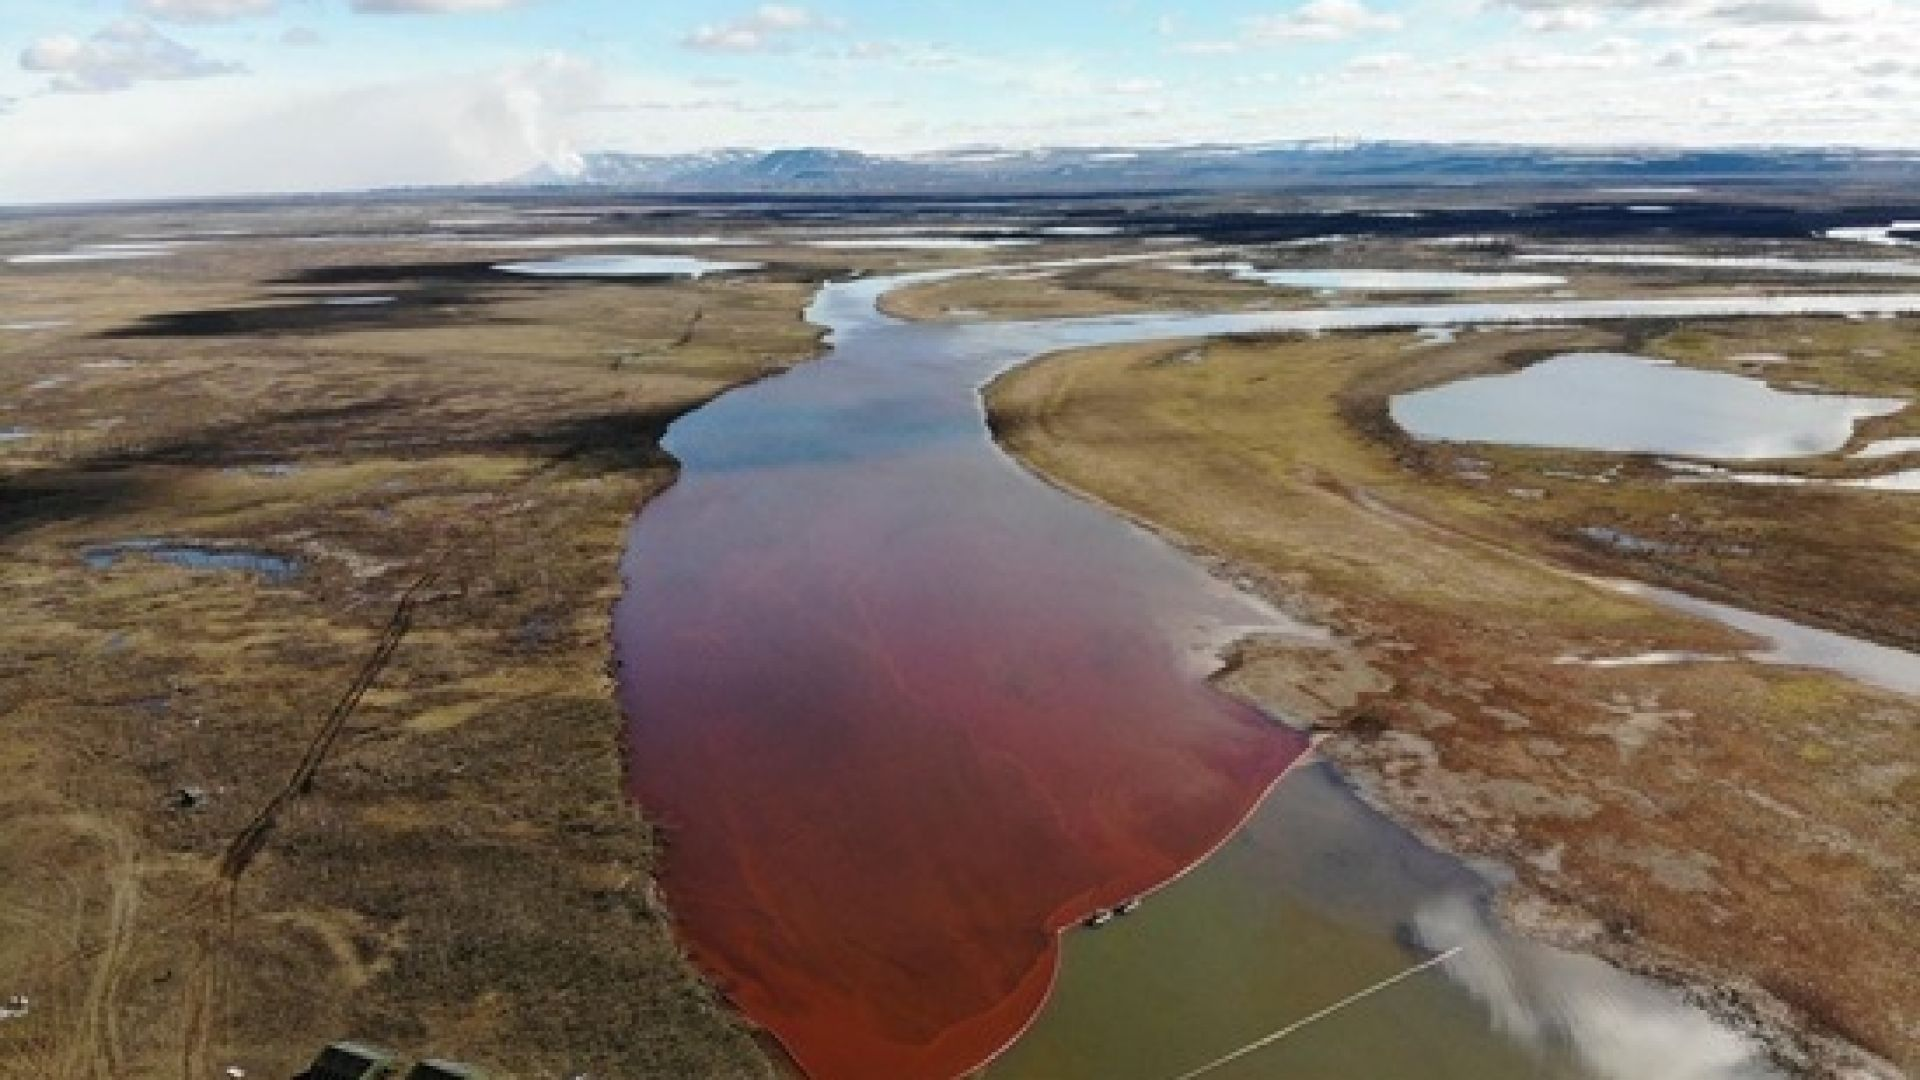 Най-малко 20 000 литра гориво са се разлели във водата